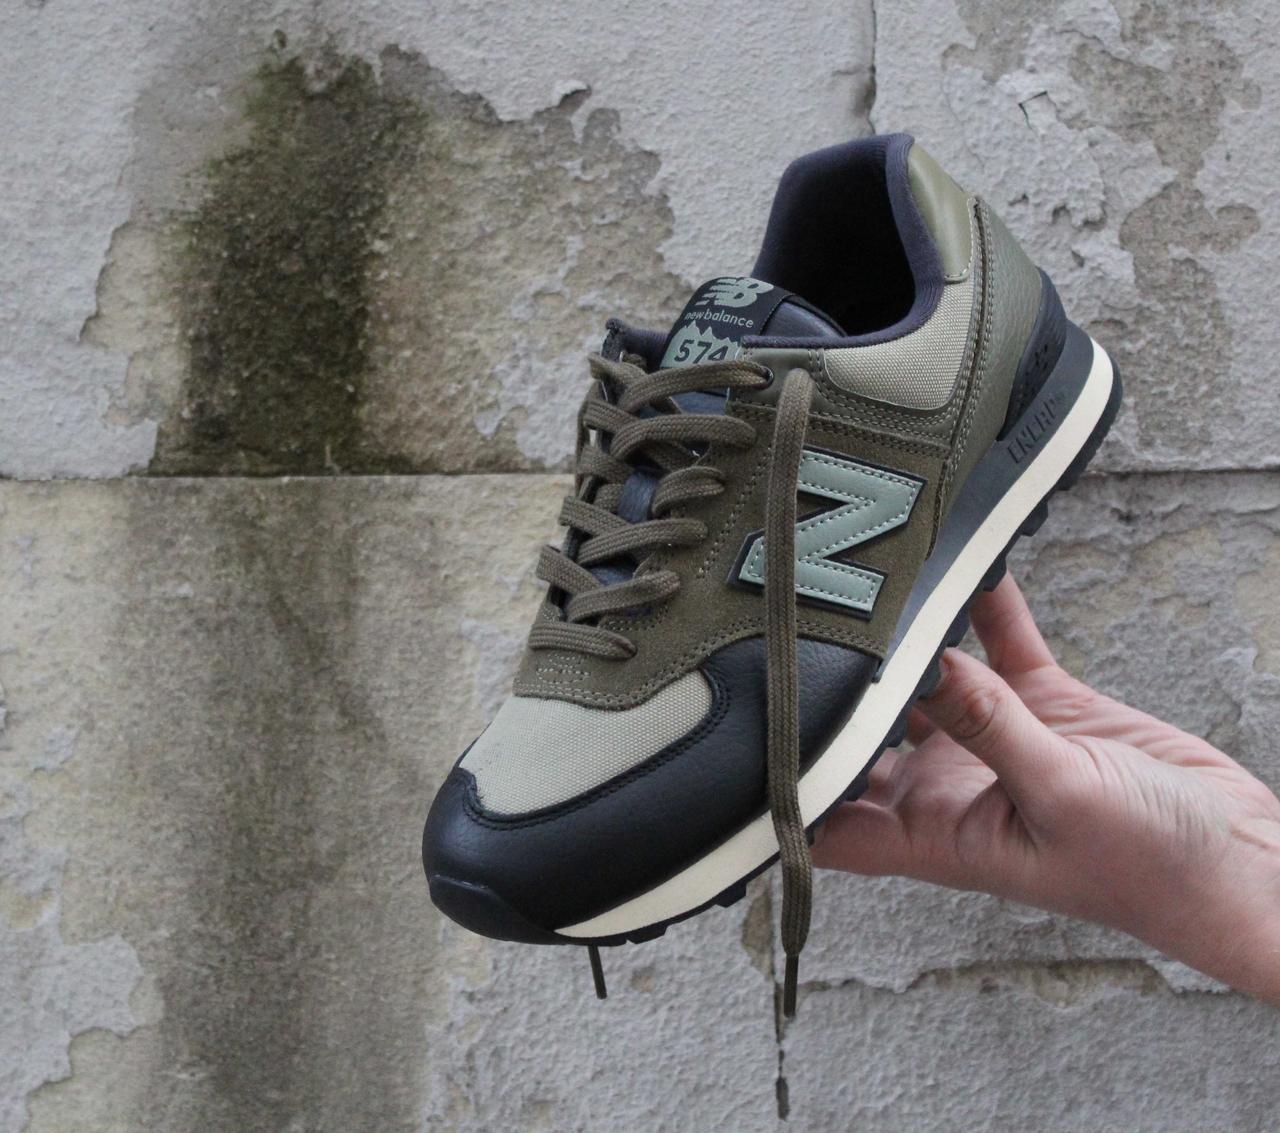 33b53f5c1 Оригинальные кроссовки New Balance 574 в сетку хаки ML574LHA - Shopchik в  Одессе